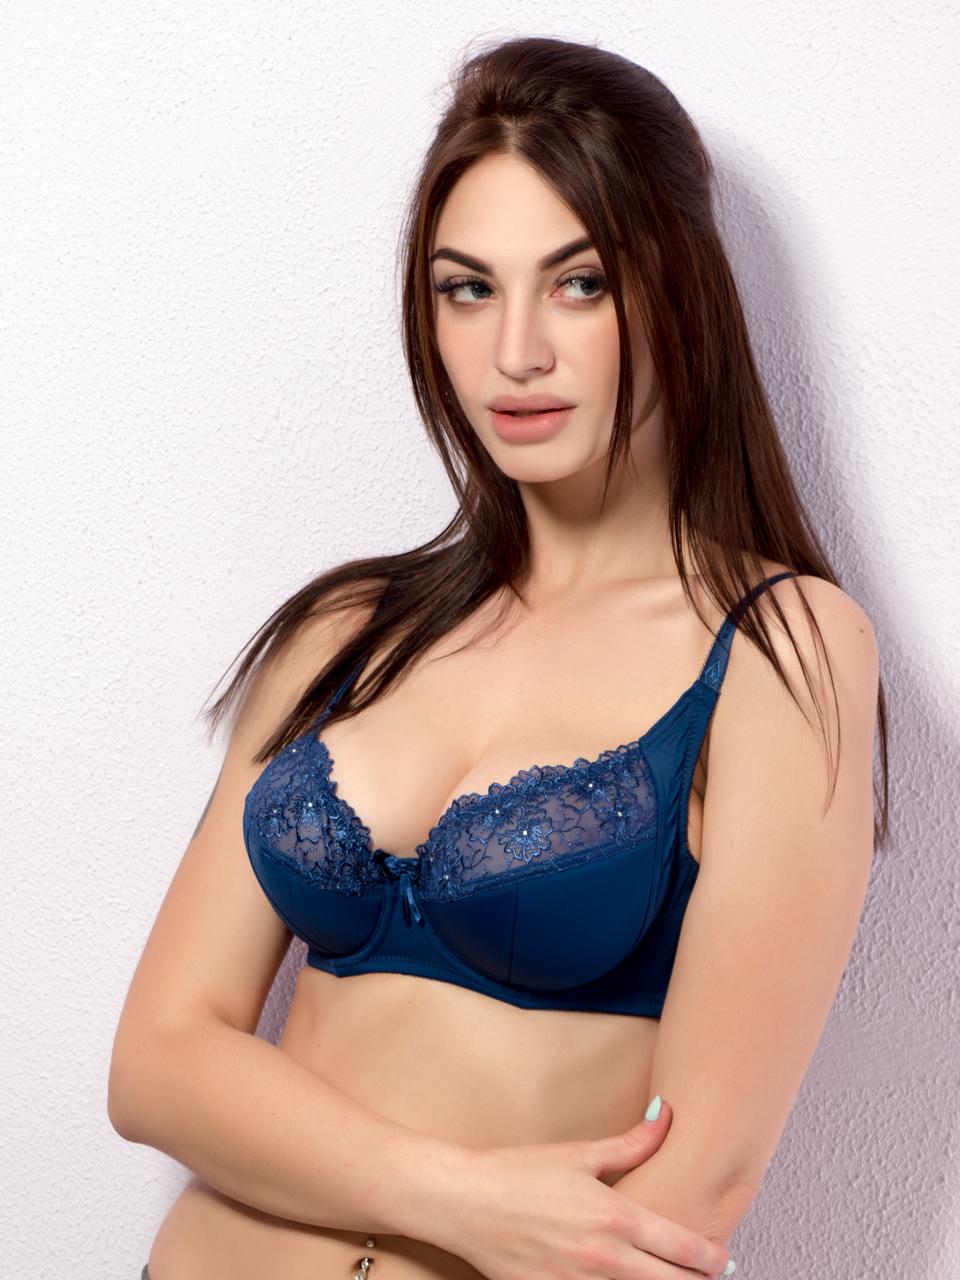 Бюстгальтер Diorella 65051D, цвет Синий, размер 75D